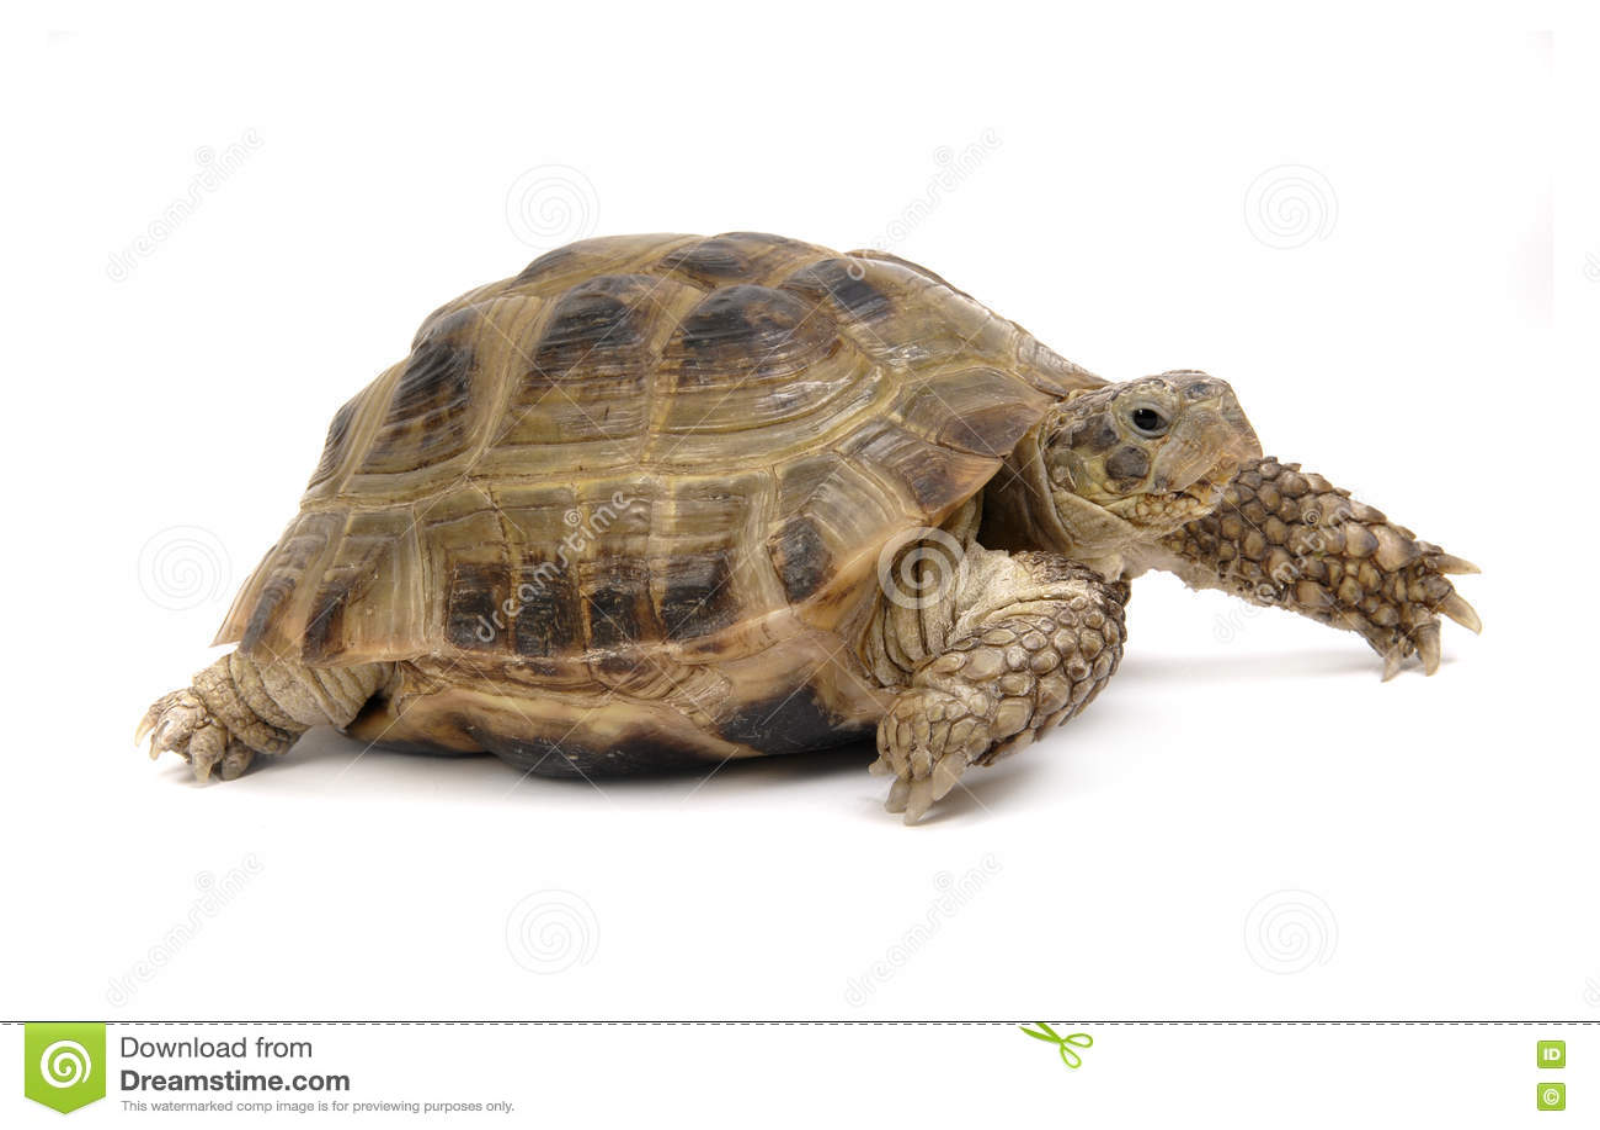 Crawling tortoise isolated